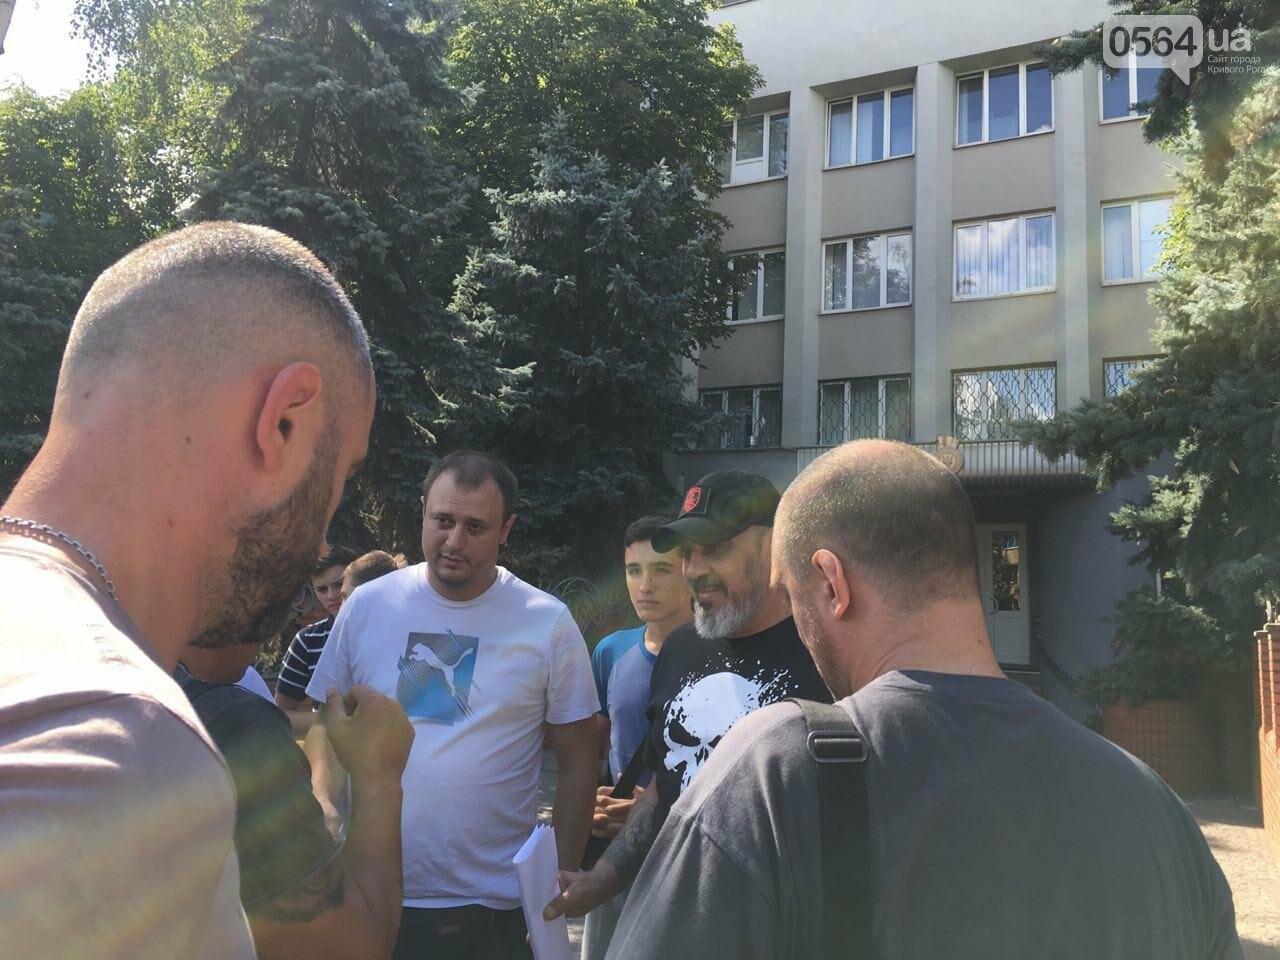 Криворожане передали в СБУ заявление с требованием проверить организации, которые возглавлял Островский, - ФОТО, фото-10